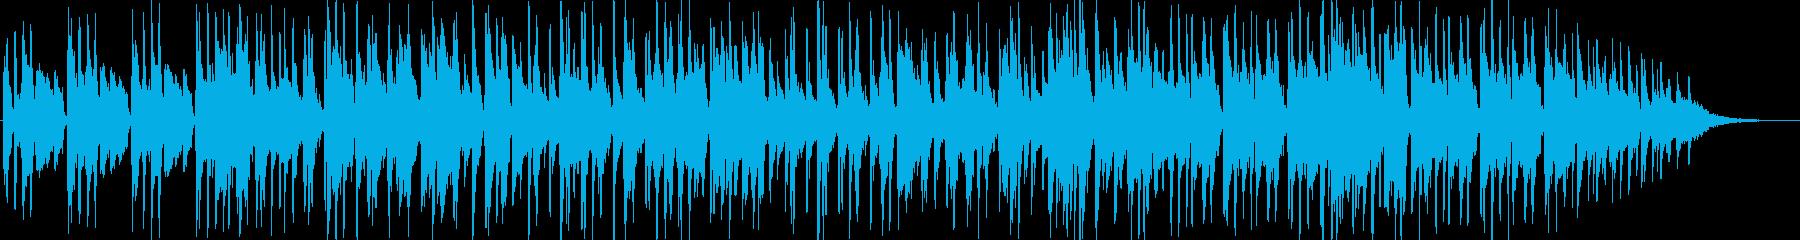 サスペンスの雰囲気のジャズの再生済みの波形